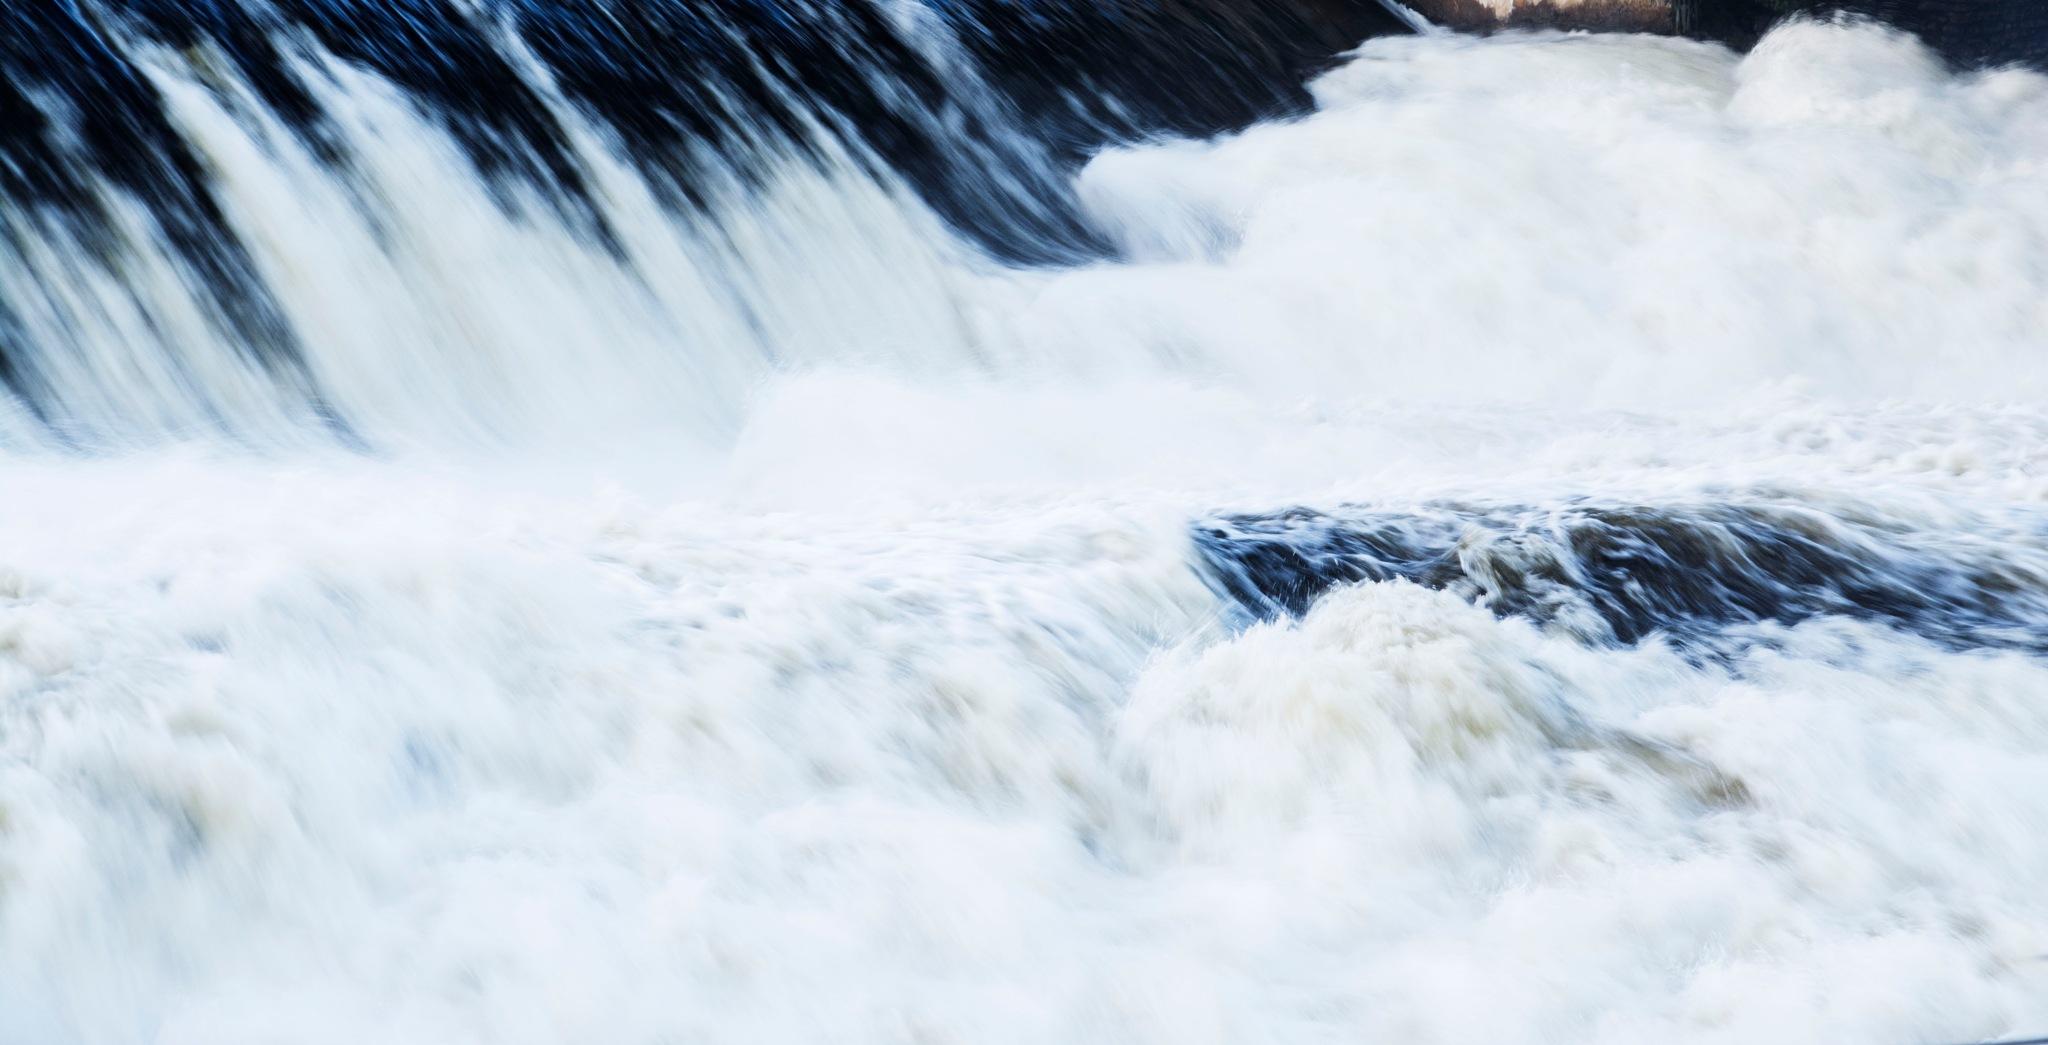 White Water by Wayne L. Talbot